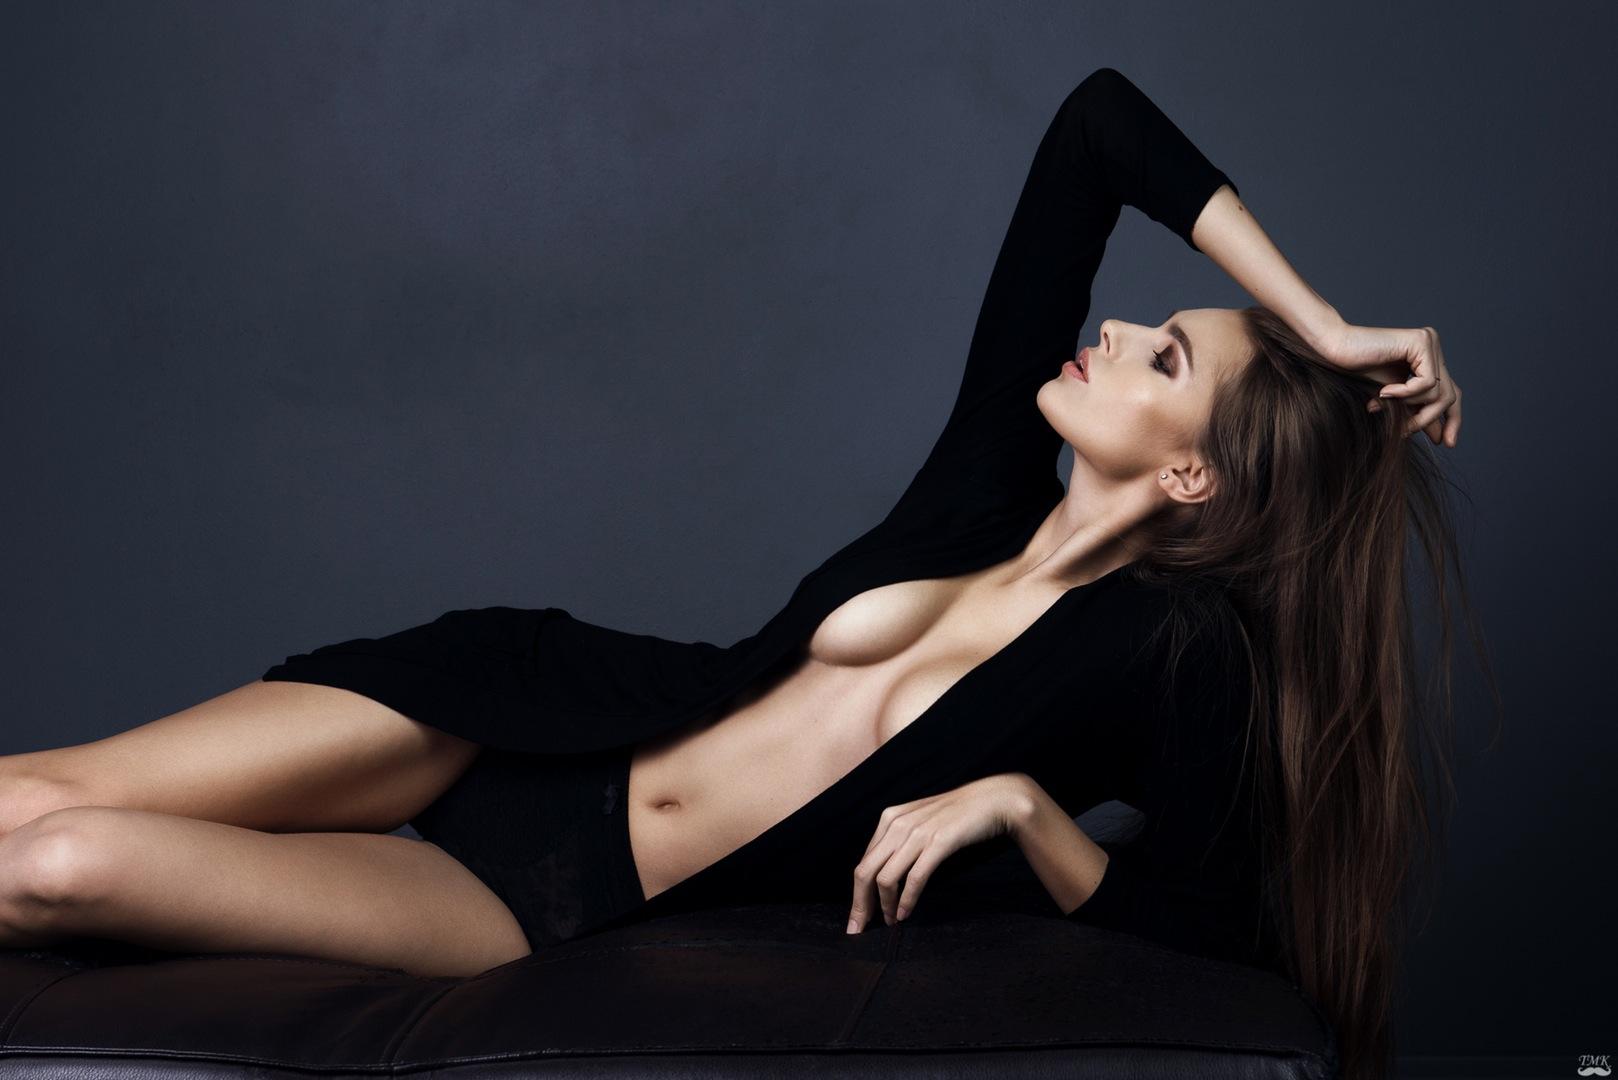 photographer-tomash-masojc model-emilija-budginaite makeup color model skin eyelashes studio bescouted talent